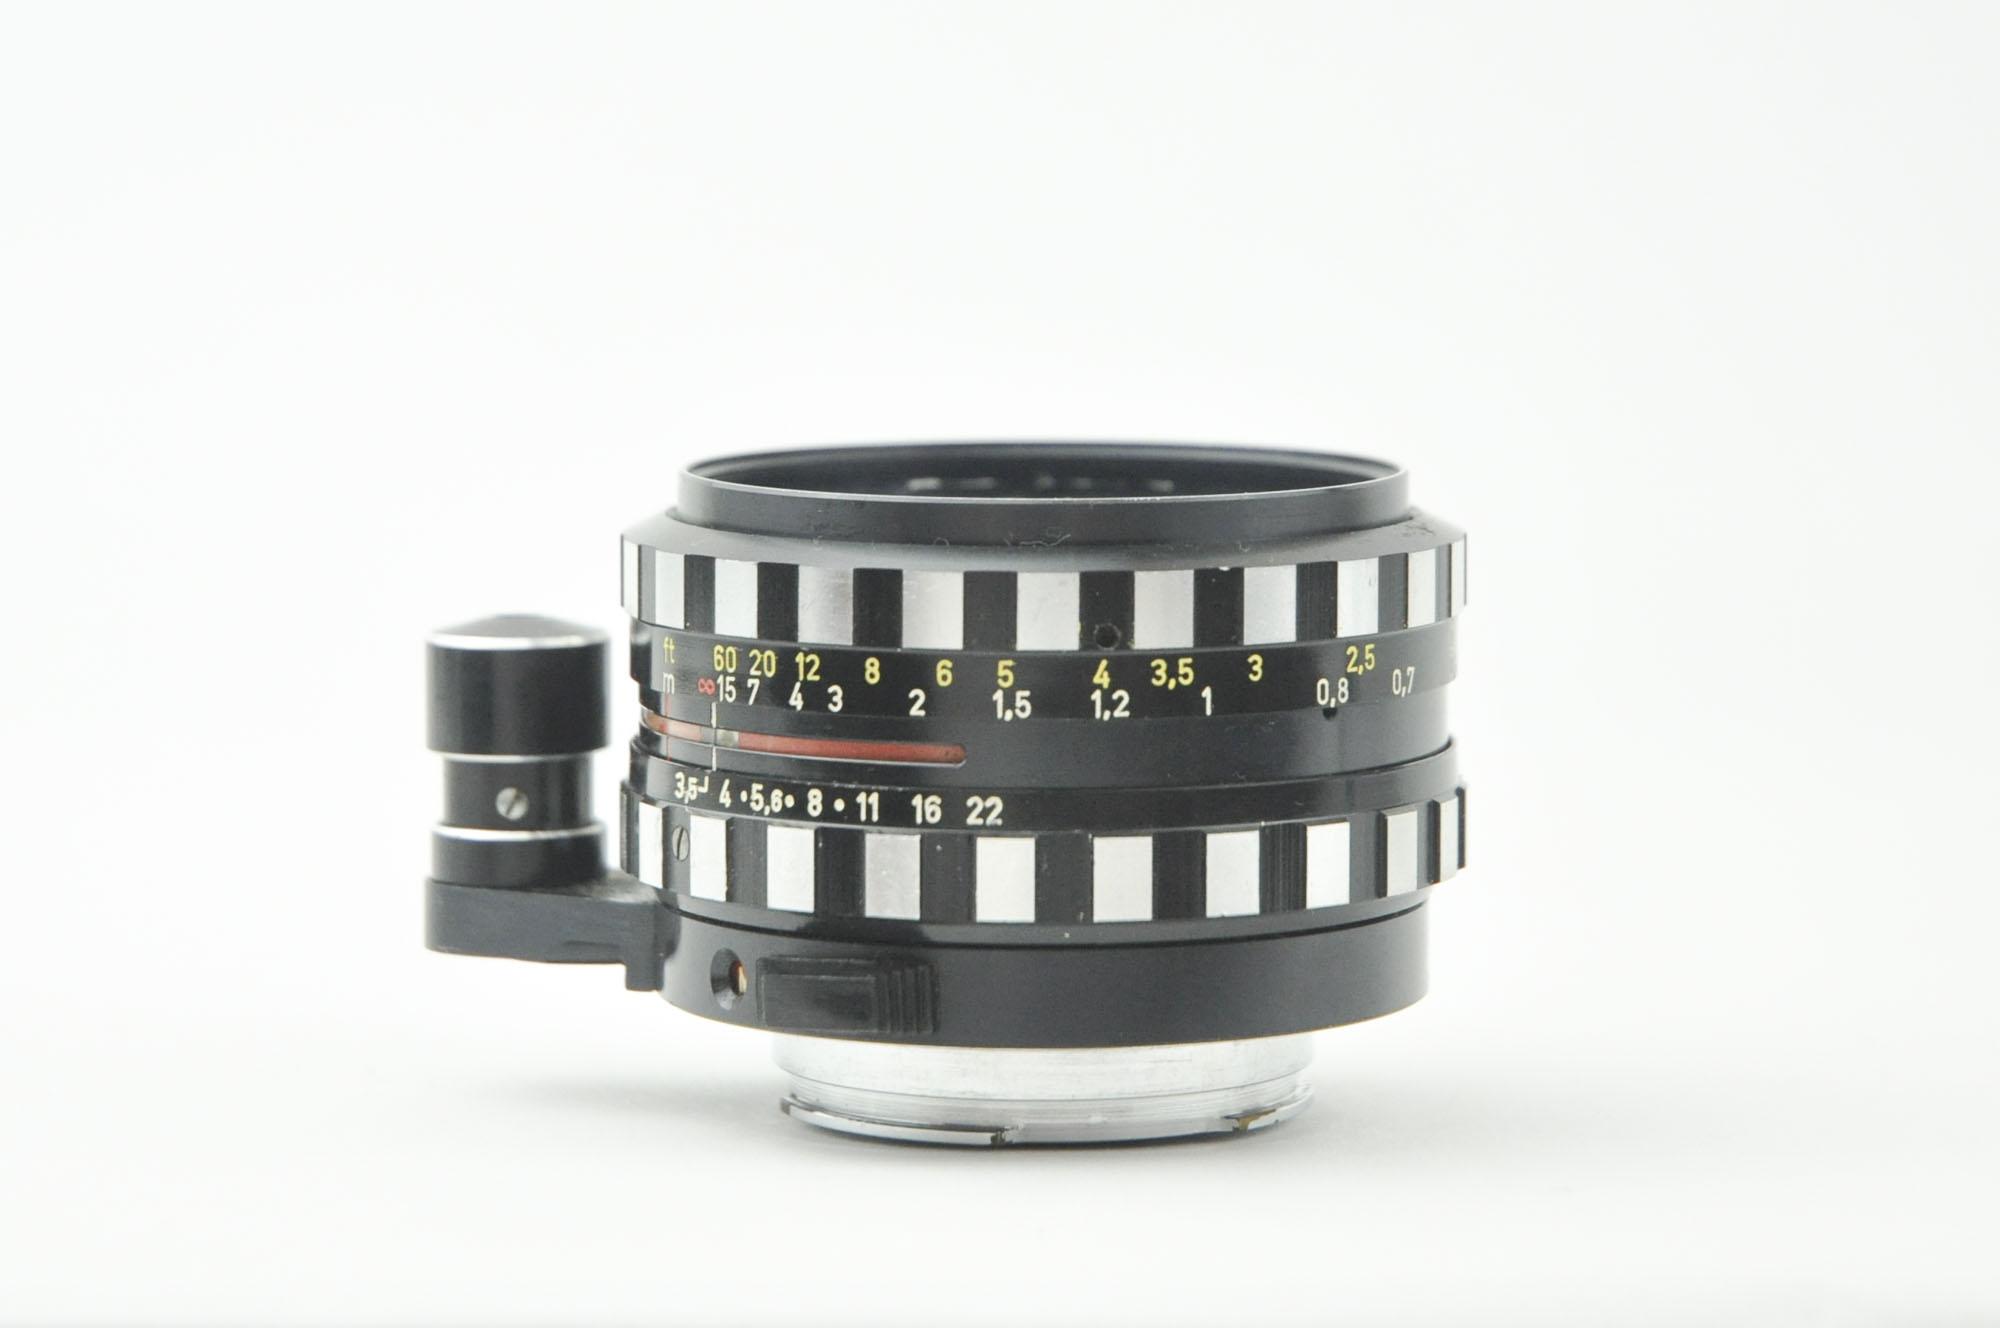 A.Schacht Ulm Travegon 35mm F3.5 R